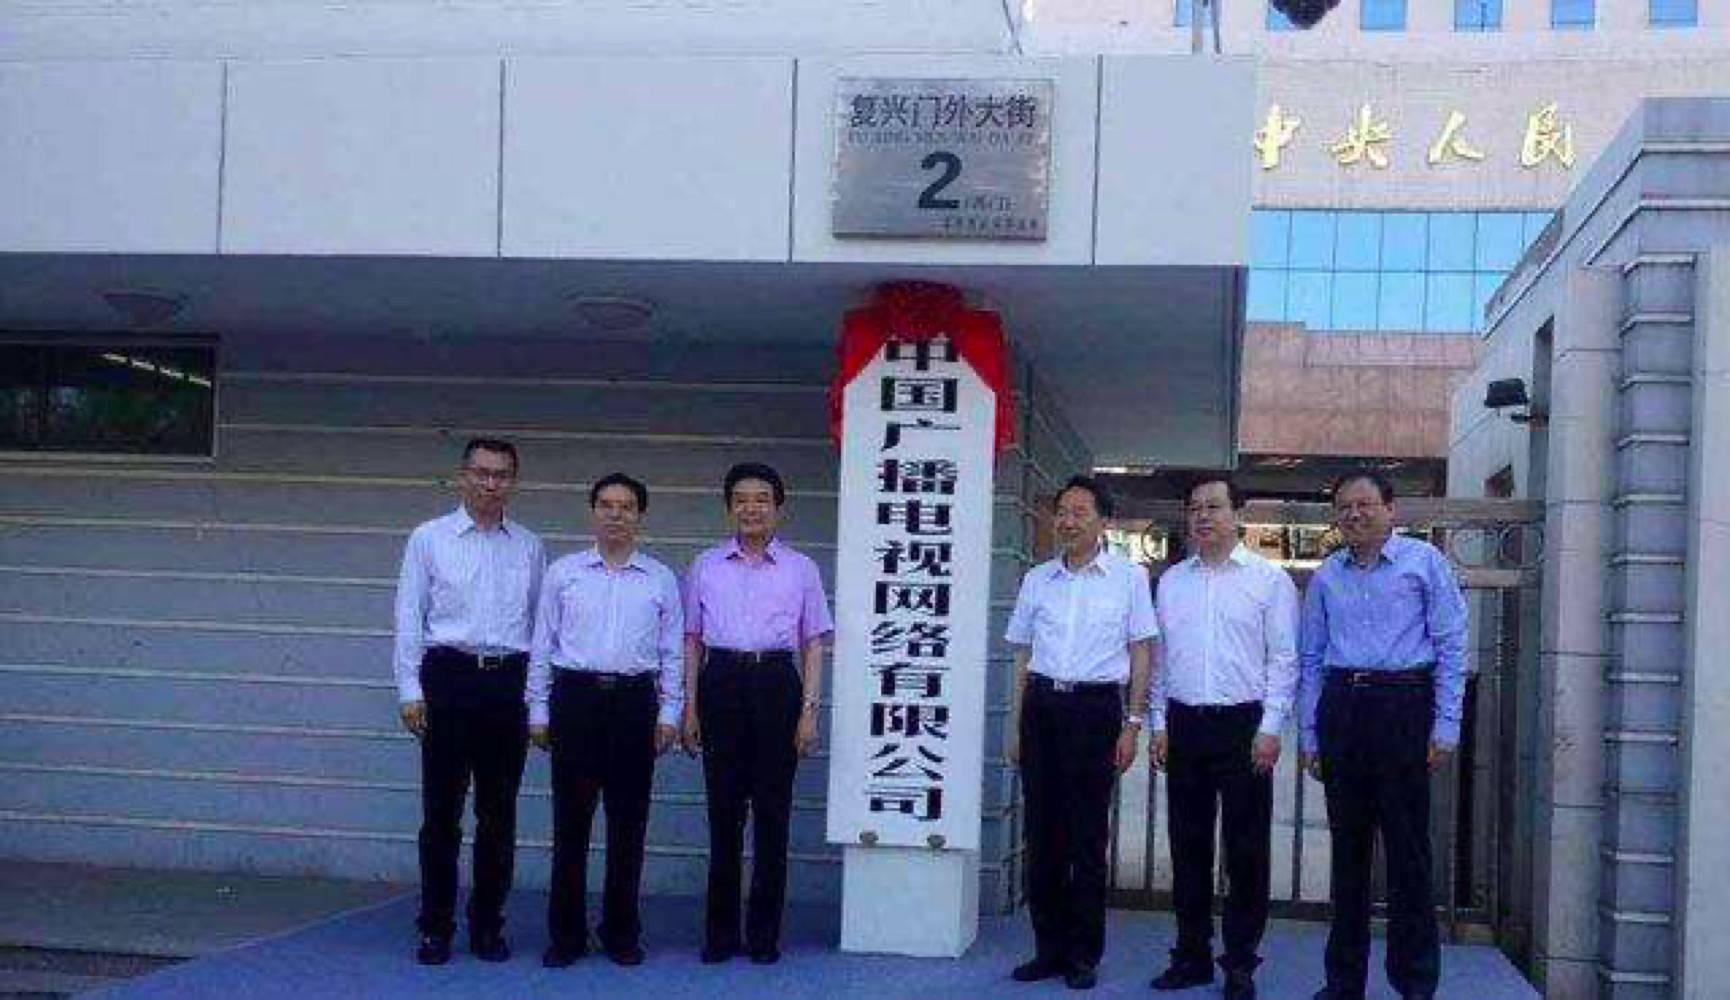 中国广电牵手国电阿里,5G在农村大有可为